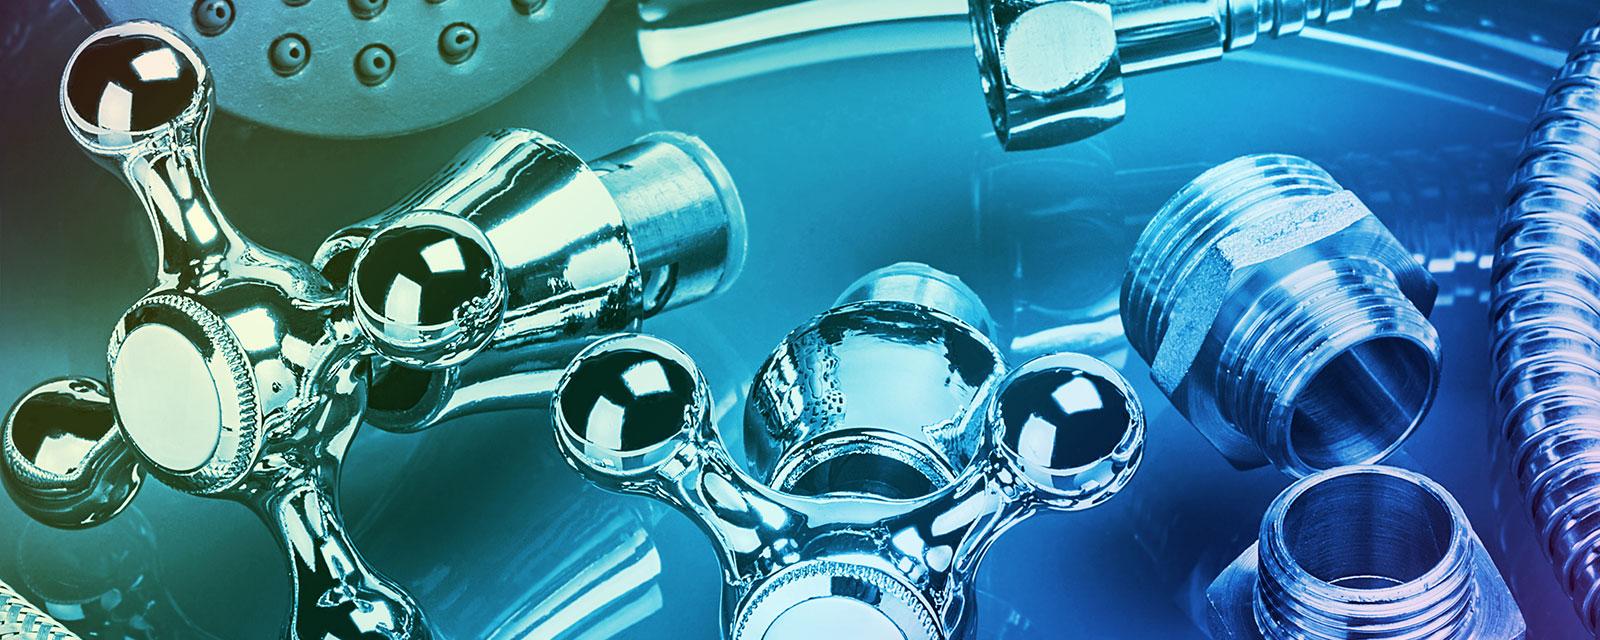 plumbing fixtures alvarez plumbing